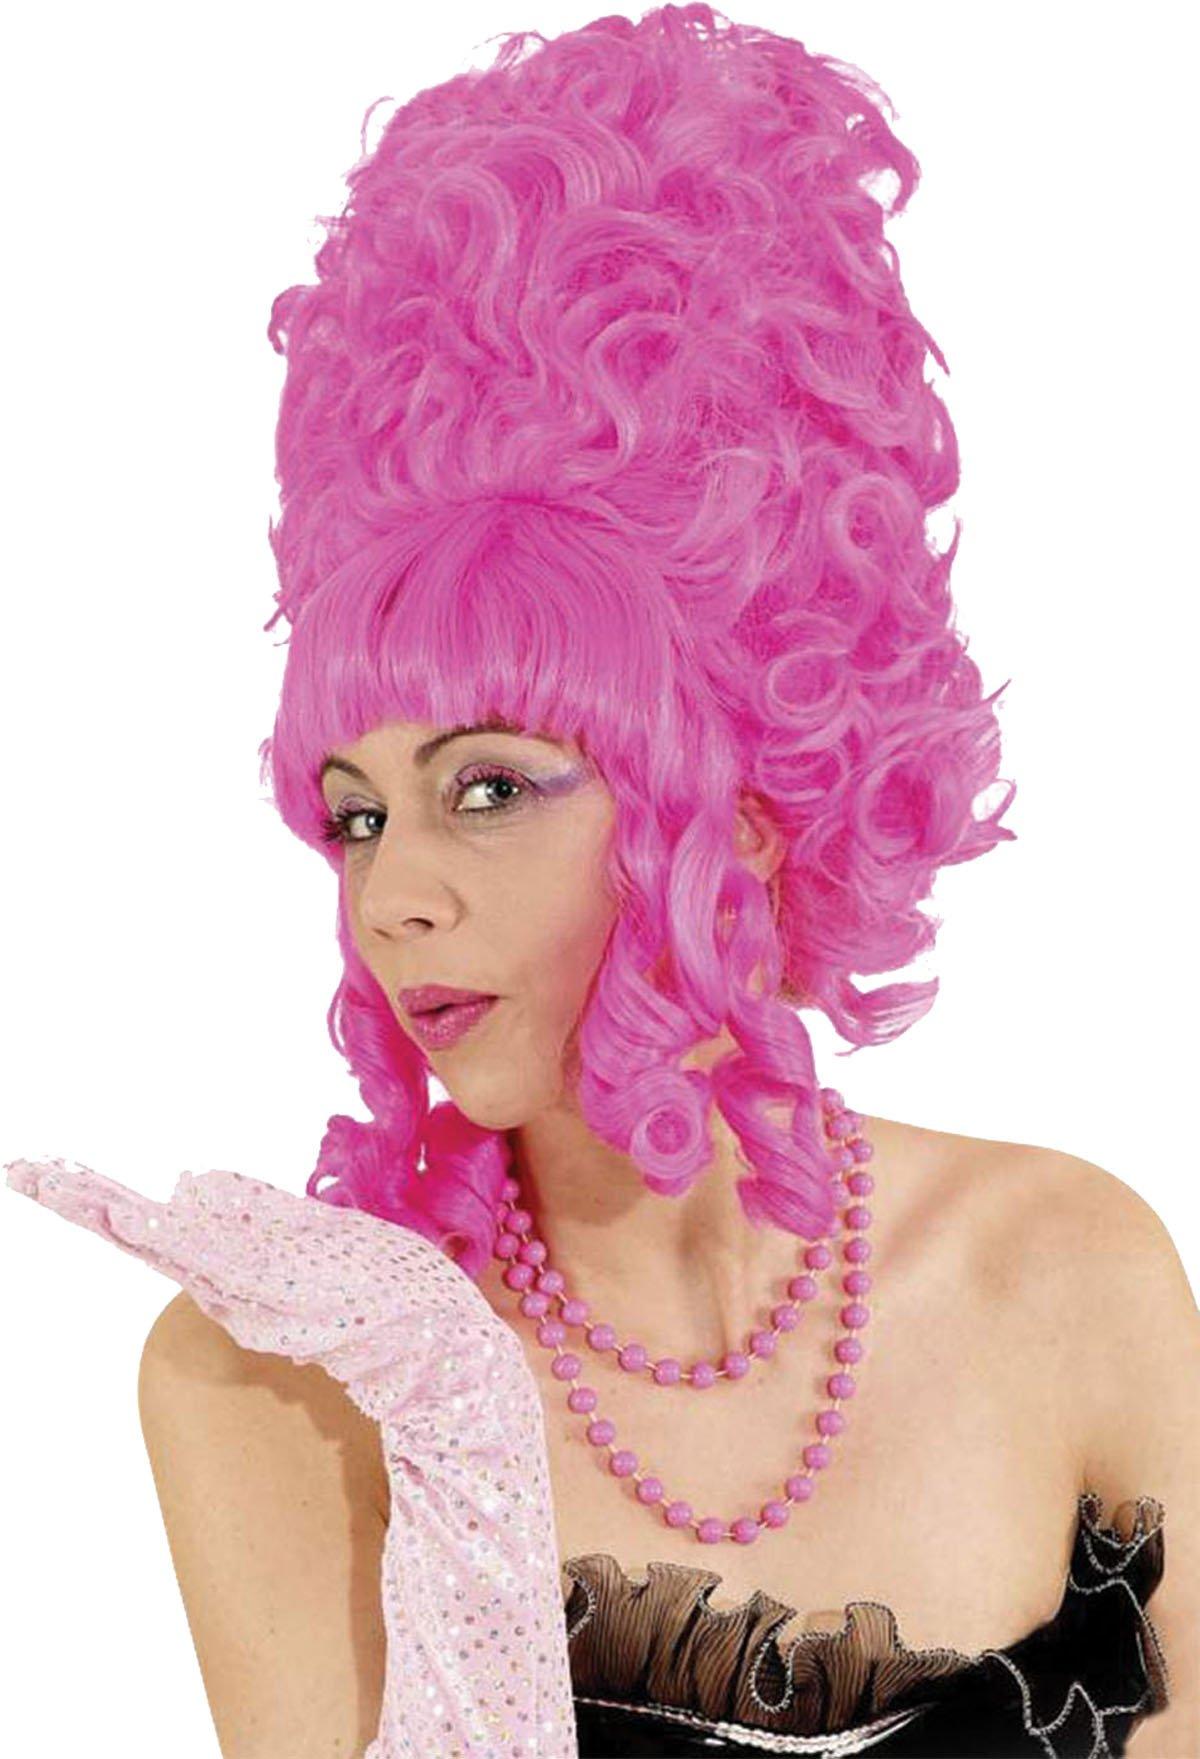 Bristol Novelty BW704 Lady Pompadour Wig, Pink, One Size